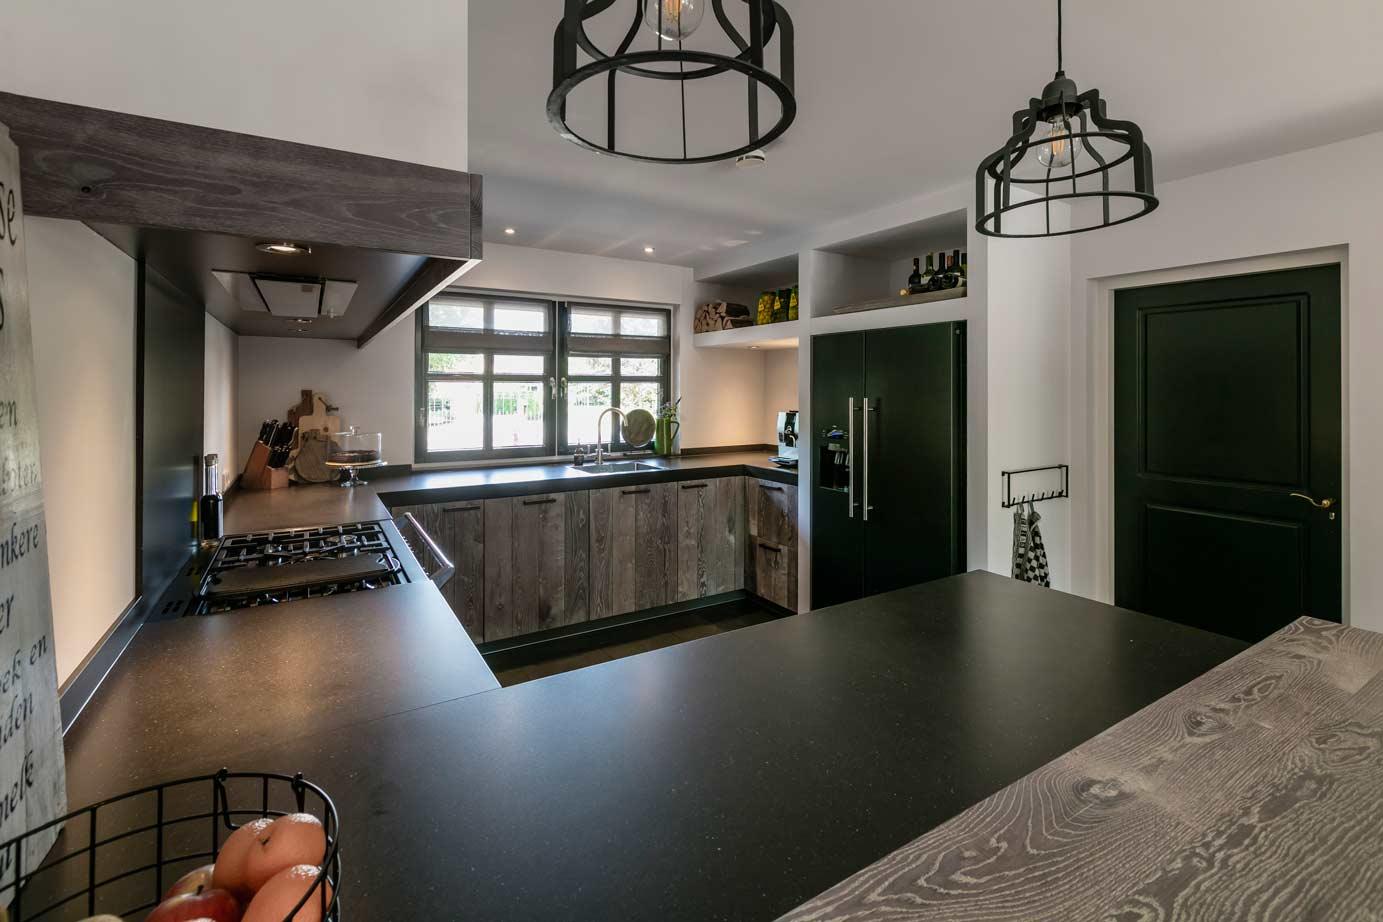 Design Keukens Gelderland : Houten keuken kopen in gelderland lees klantervaring db keukens